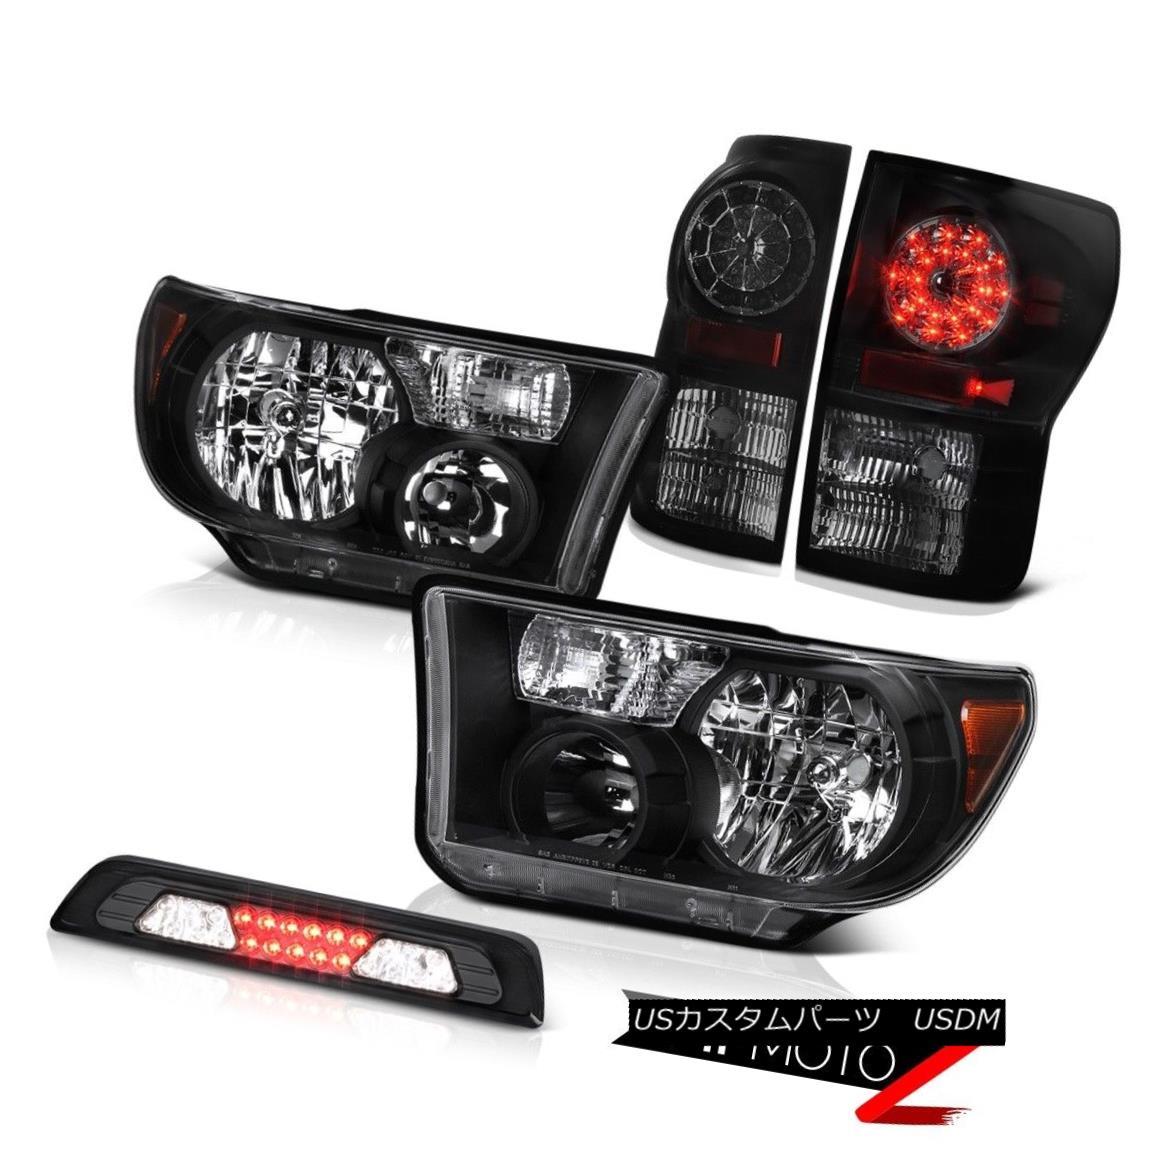 テールライト 07-13 Toyota Tundra SR5 Headlights High Stop Light Taillights SMD